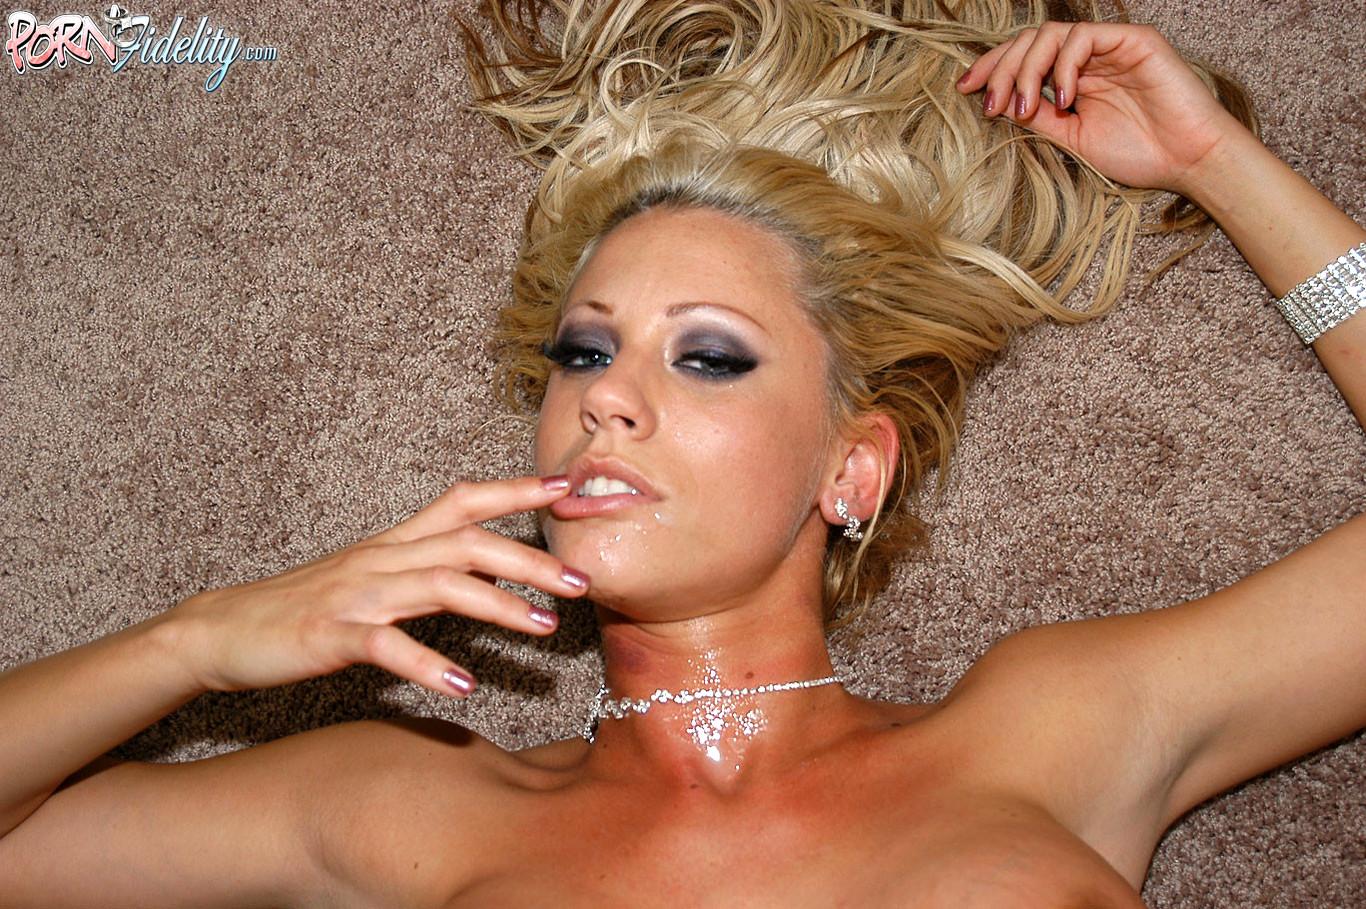 Смотреть порно с таня джеймс, Tanya james HD Porno, в хорошем качестве 18 фотография